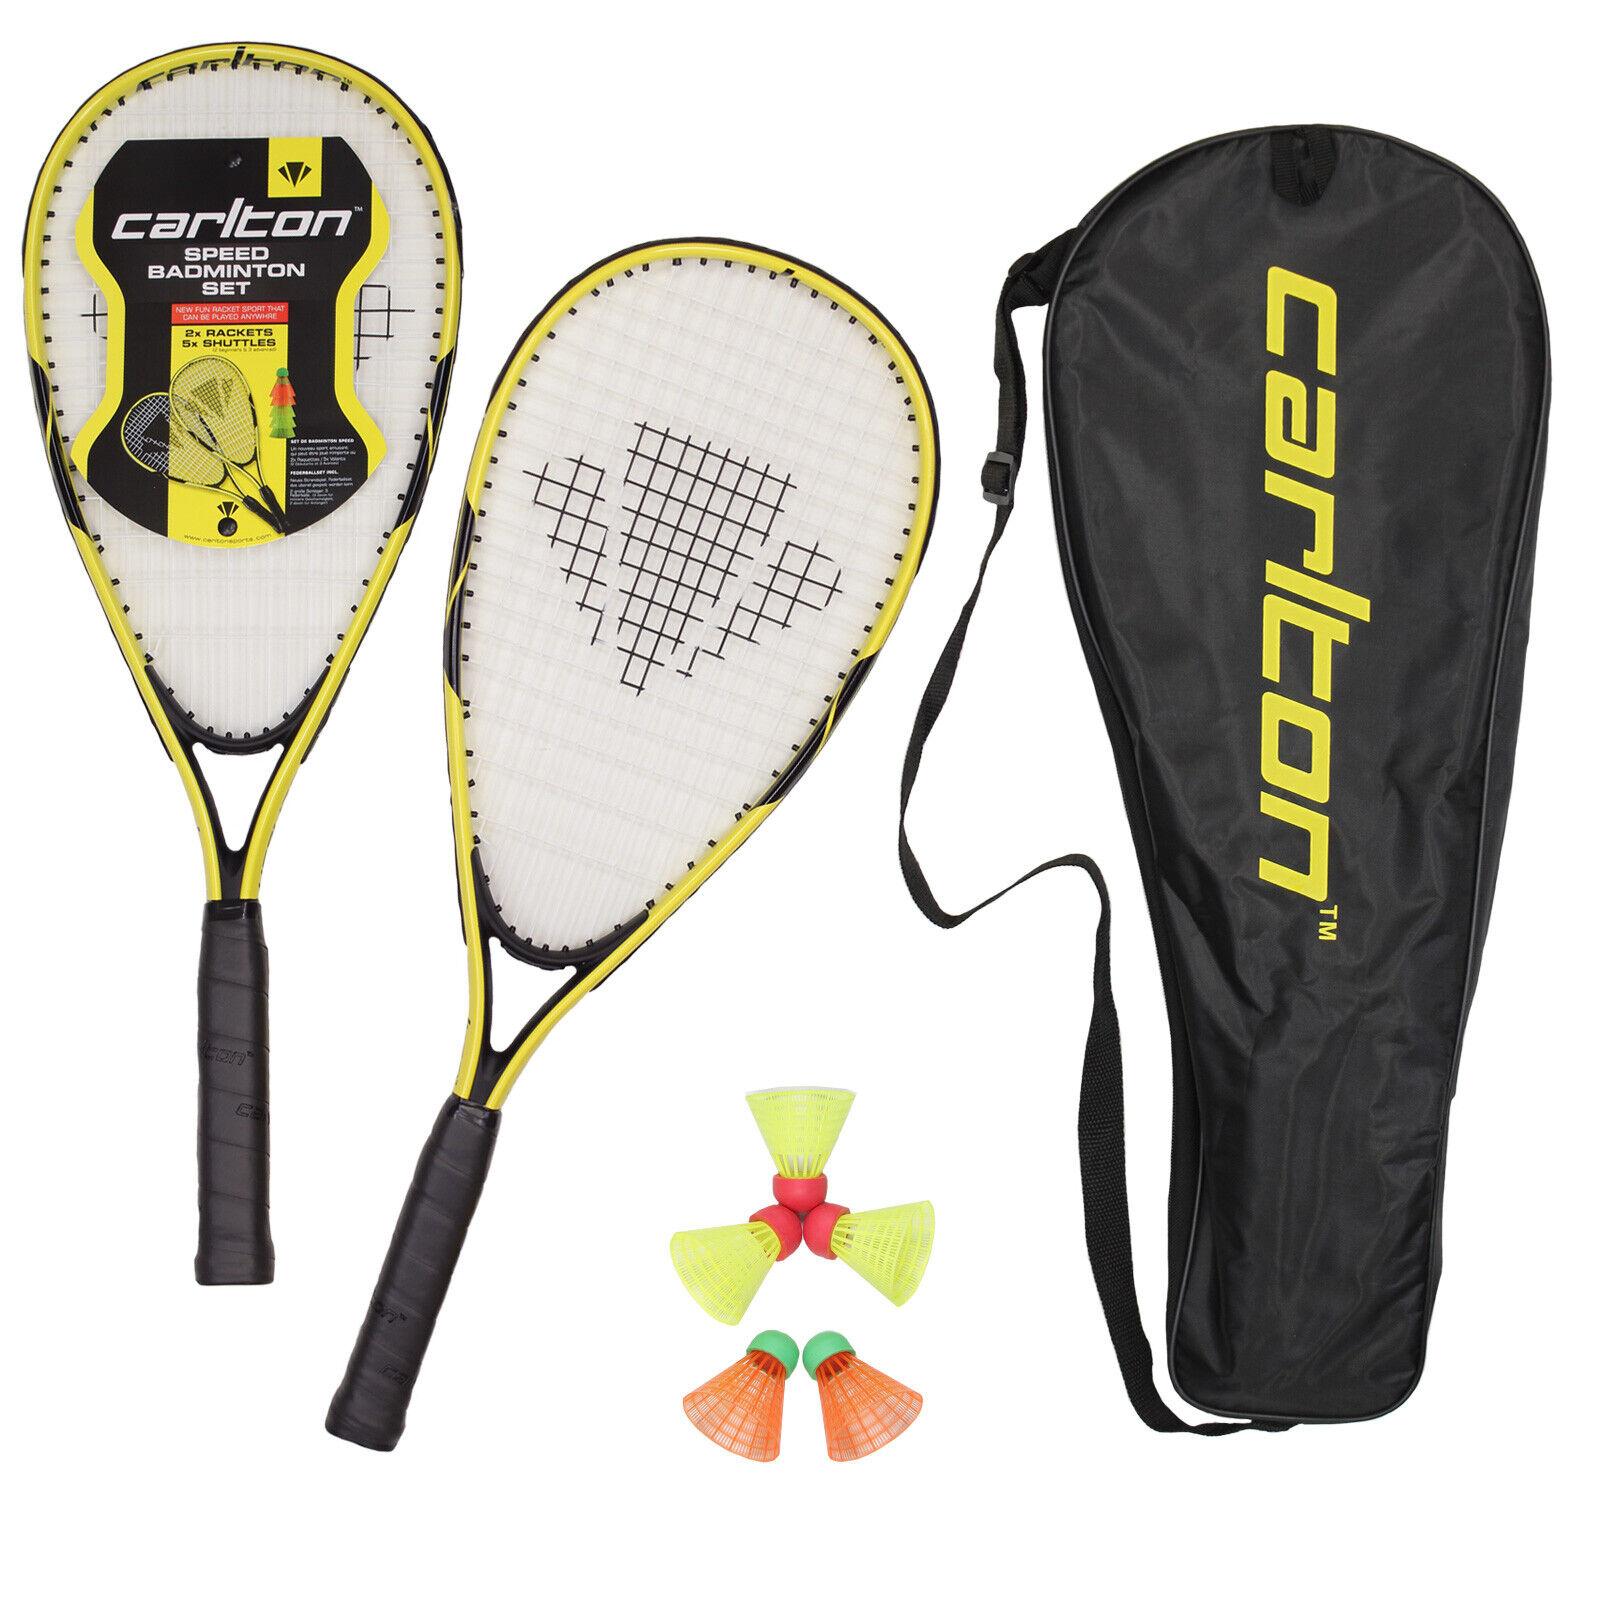 CARLTON 2er Speed Badminton Set inkl. 5 Federbälle und Tasche